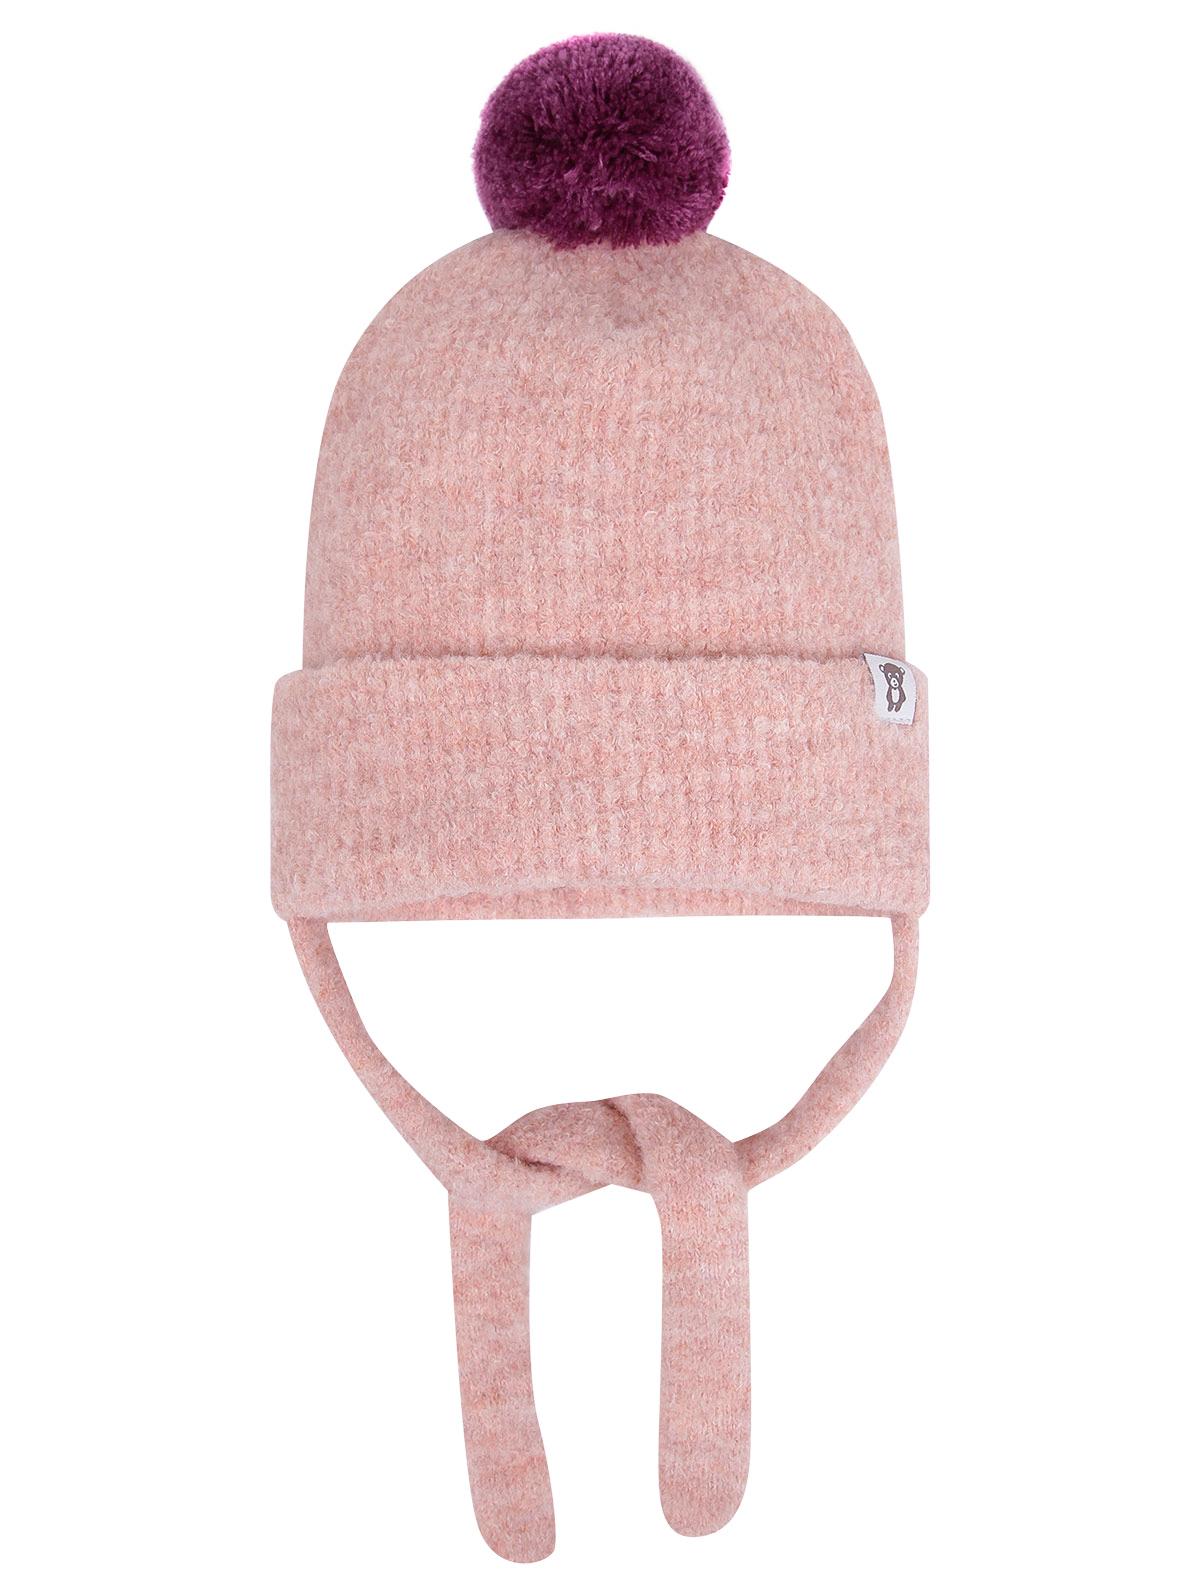 Купить 2249809, Шапка Air wool, розовый, 1354529081170